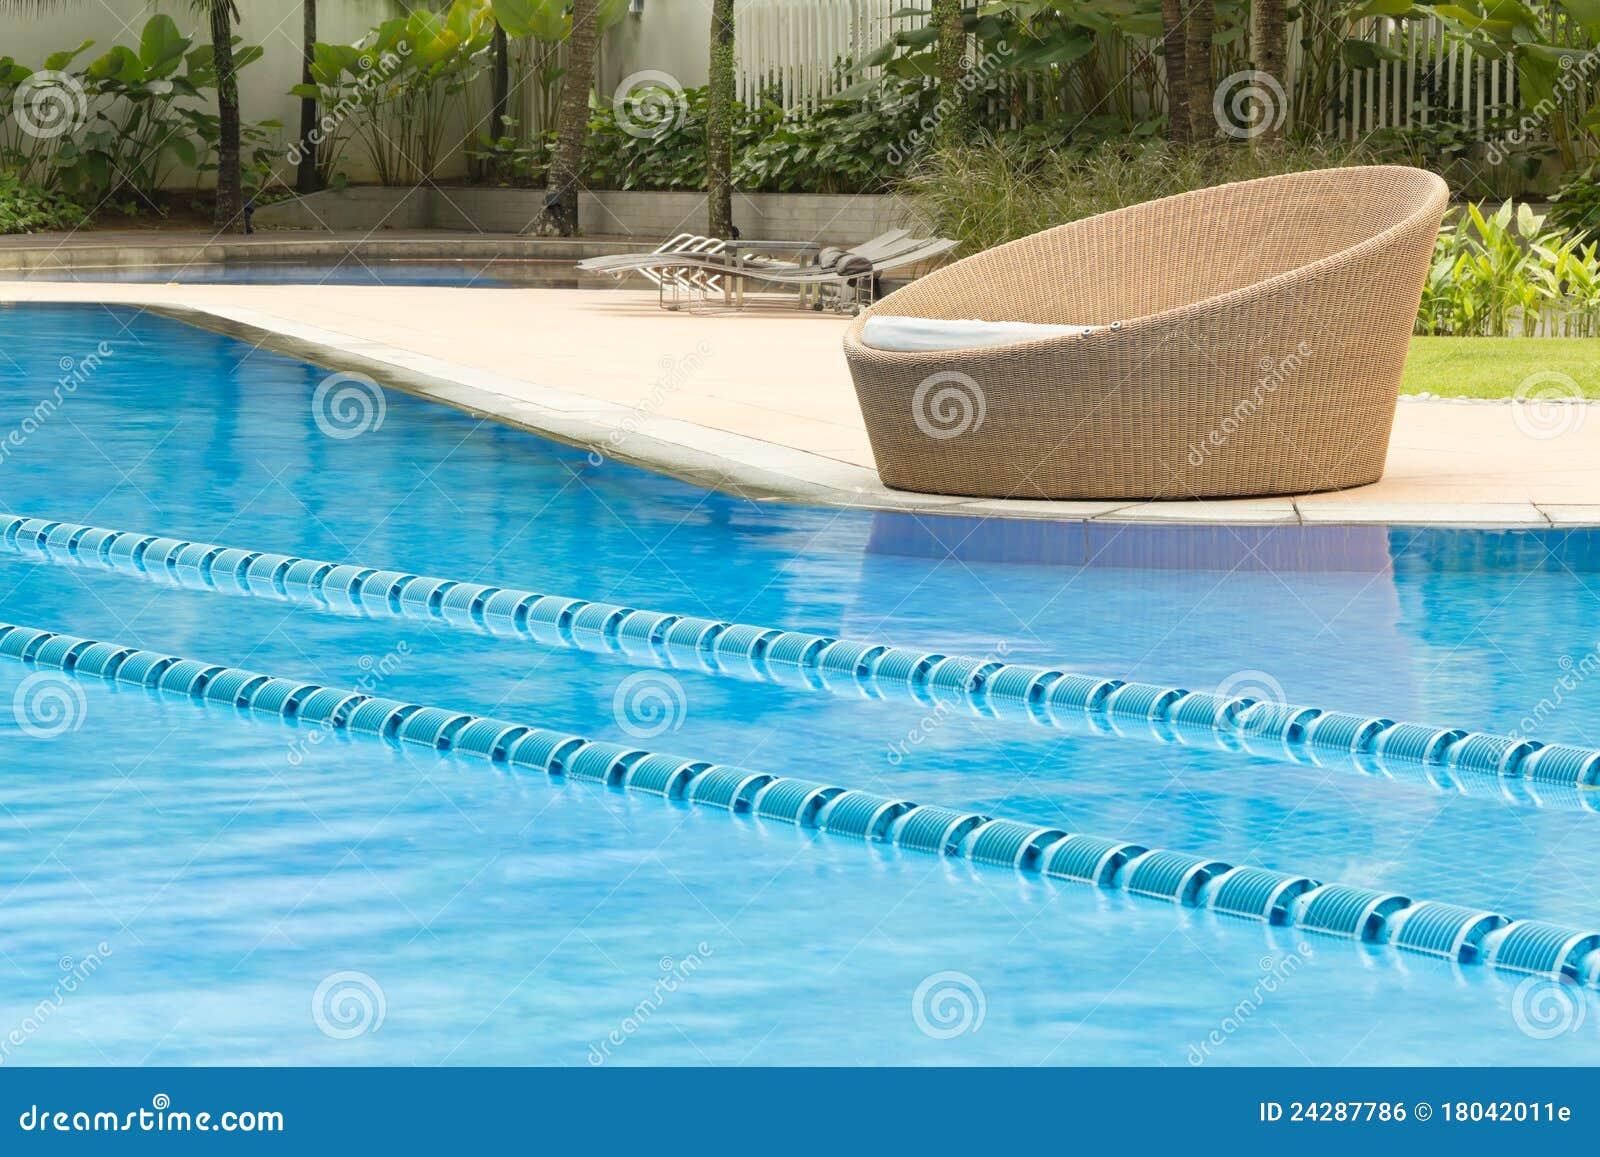 Piscina com cadeira redonda imagem de stock royalty free imagem 24287786 - Business plan piscina ...